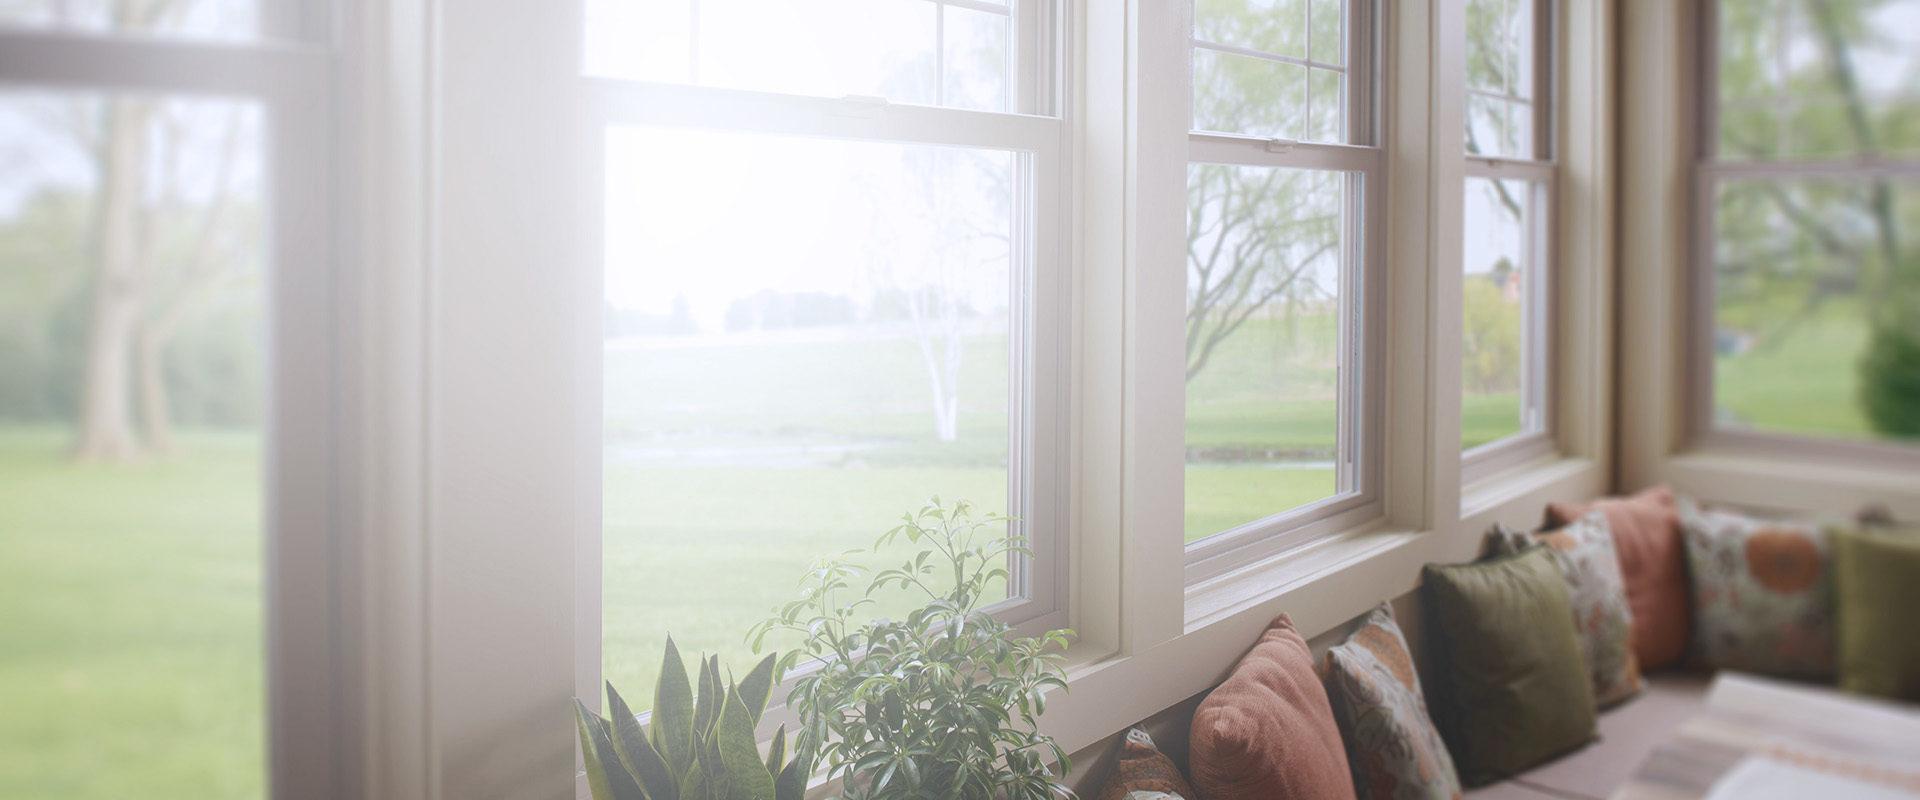 Картинка фоновая окно в коттедж Глазов